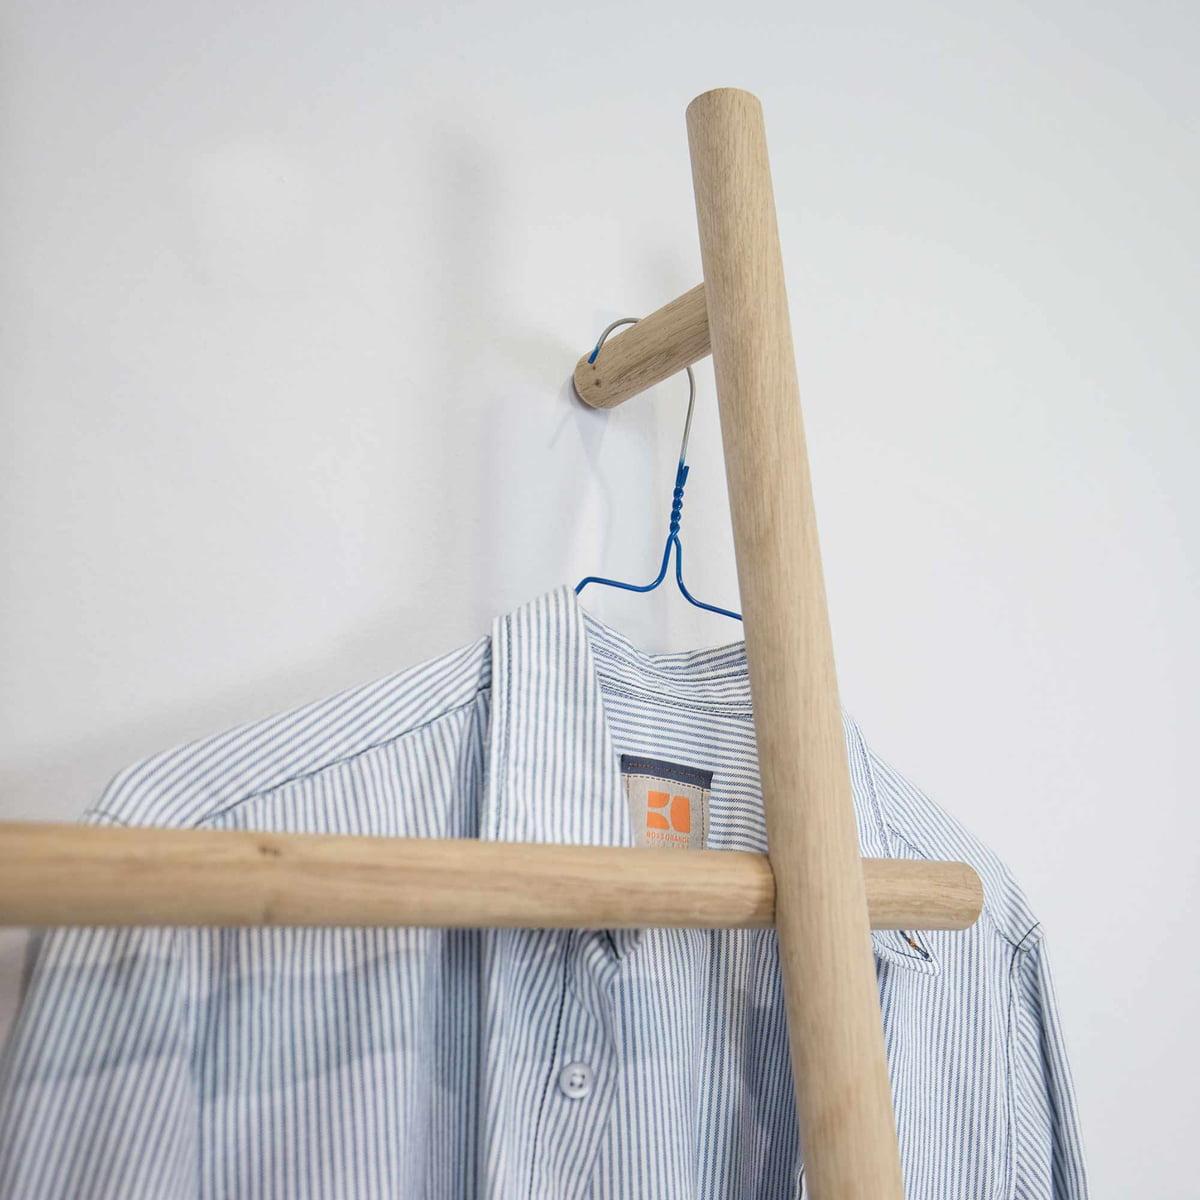 Chelle en bois lendra par kommod boutique connox - Echelle porte vetement ...